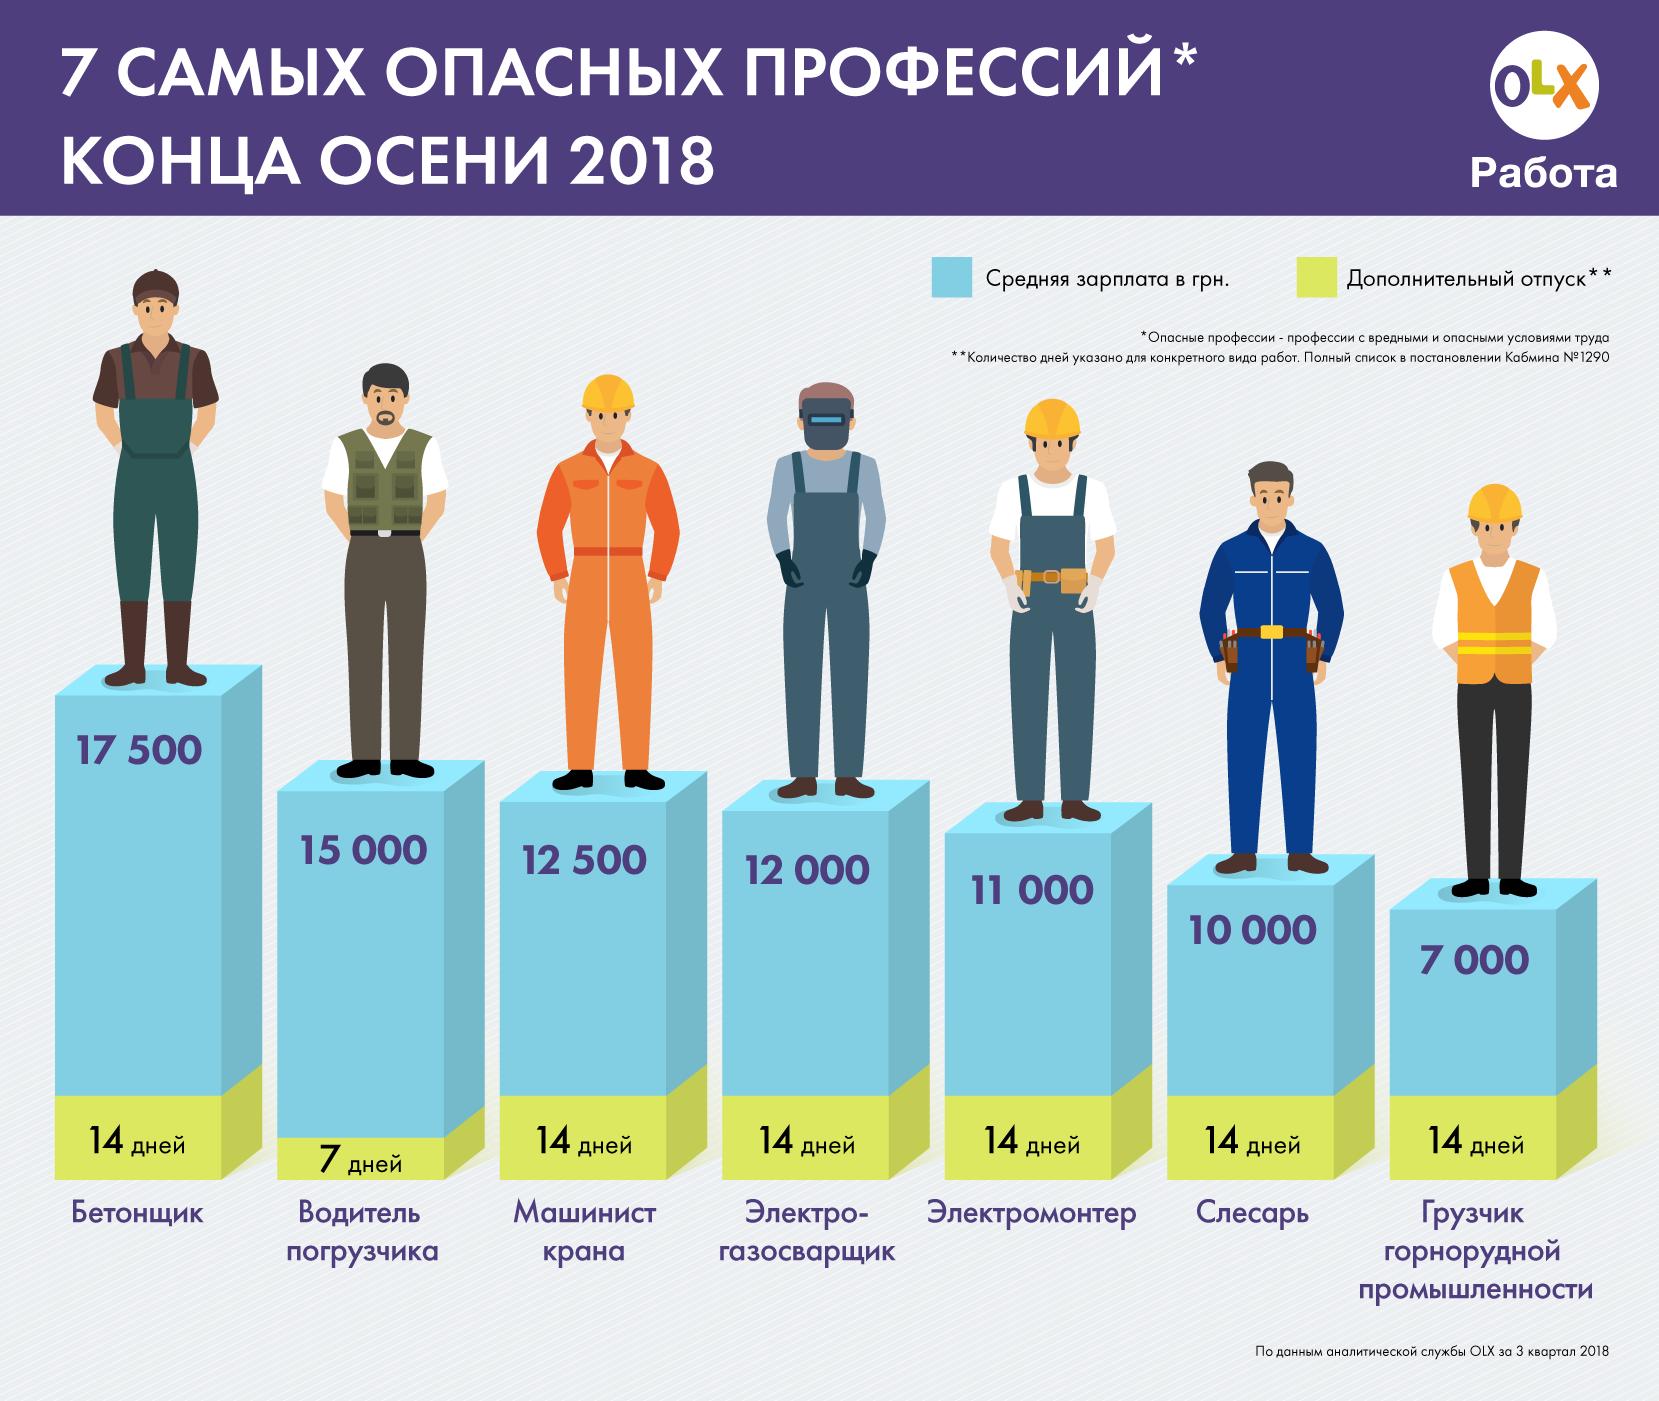 Оплата труда людям с самыми опасными профессиями для жизни